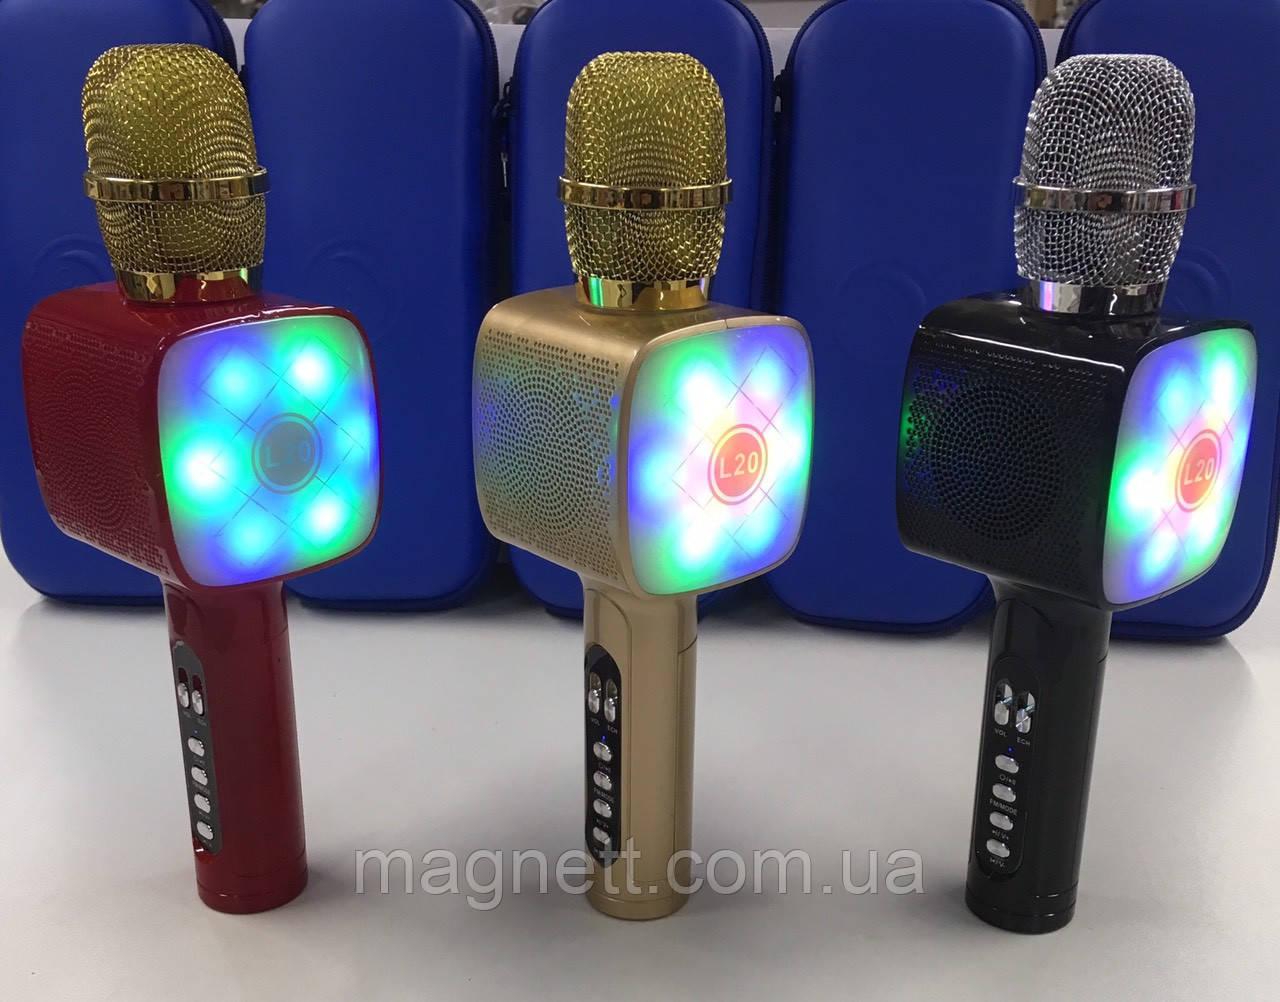 Беспроводной караоке микрофон L 20